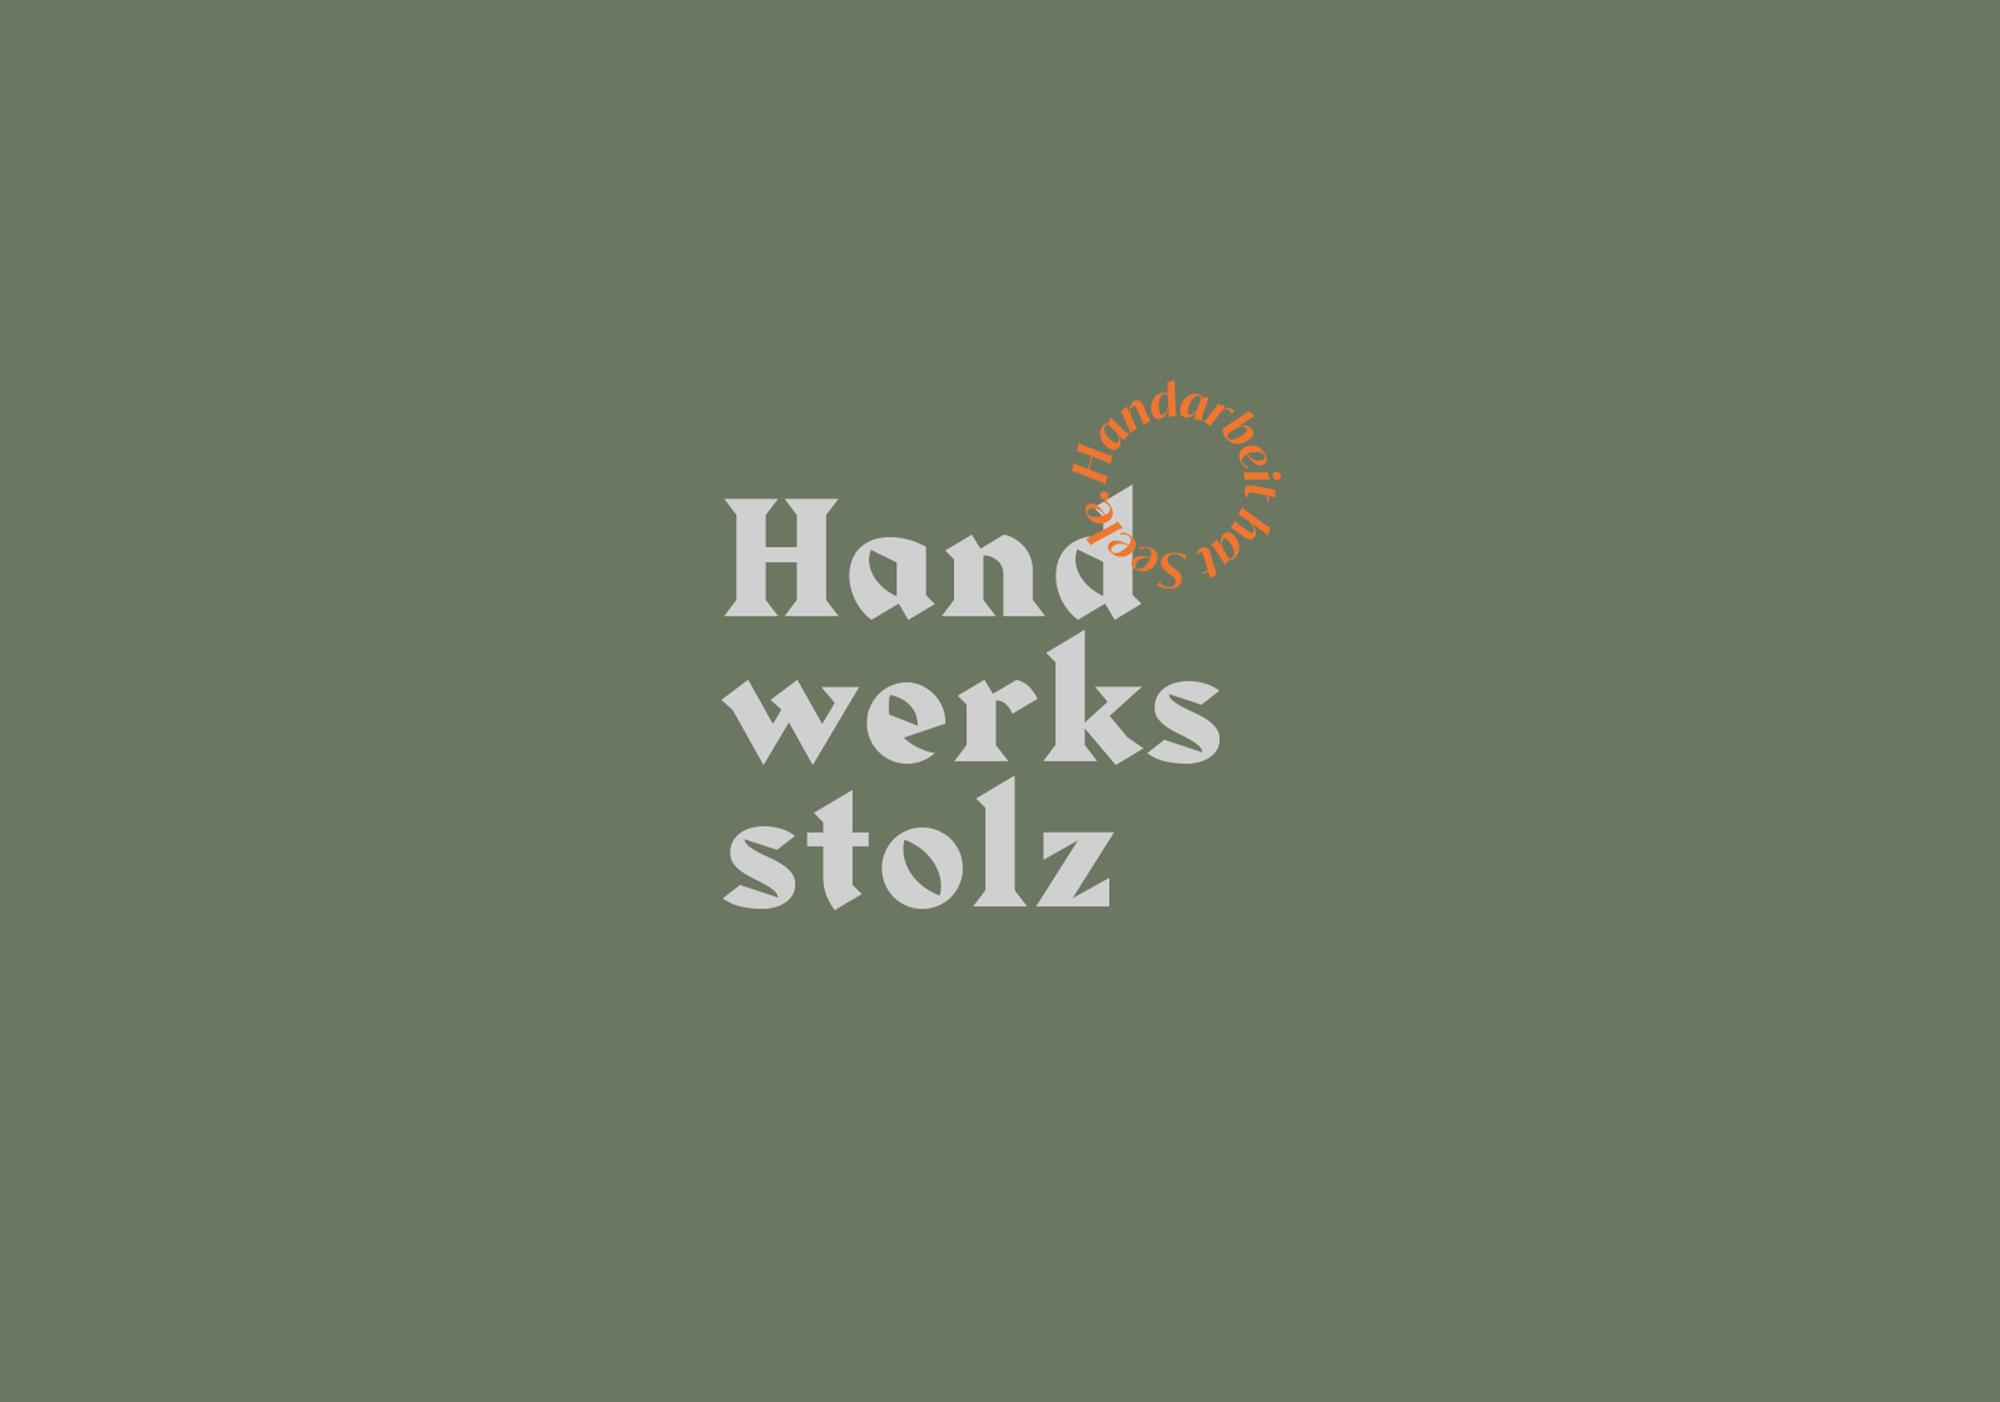 handwerksstolz_3